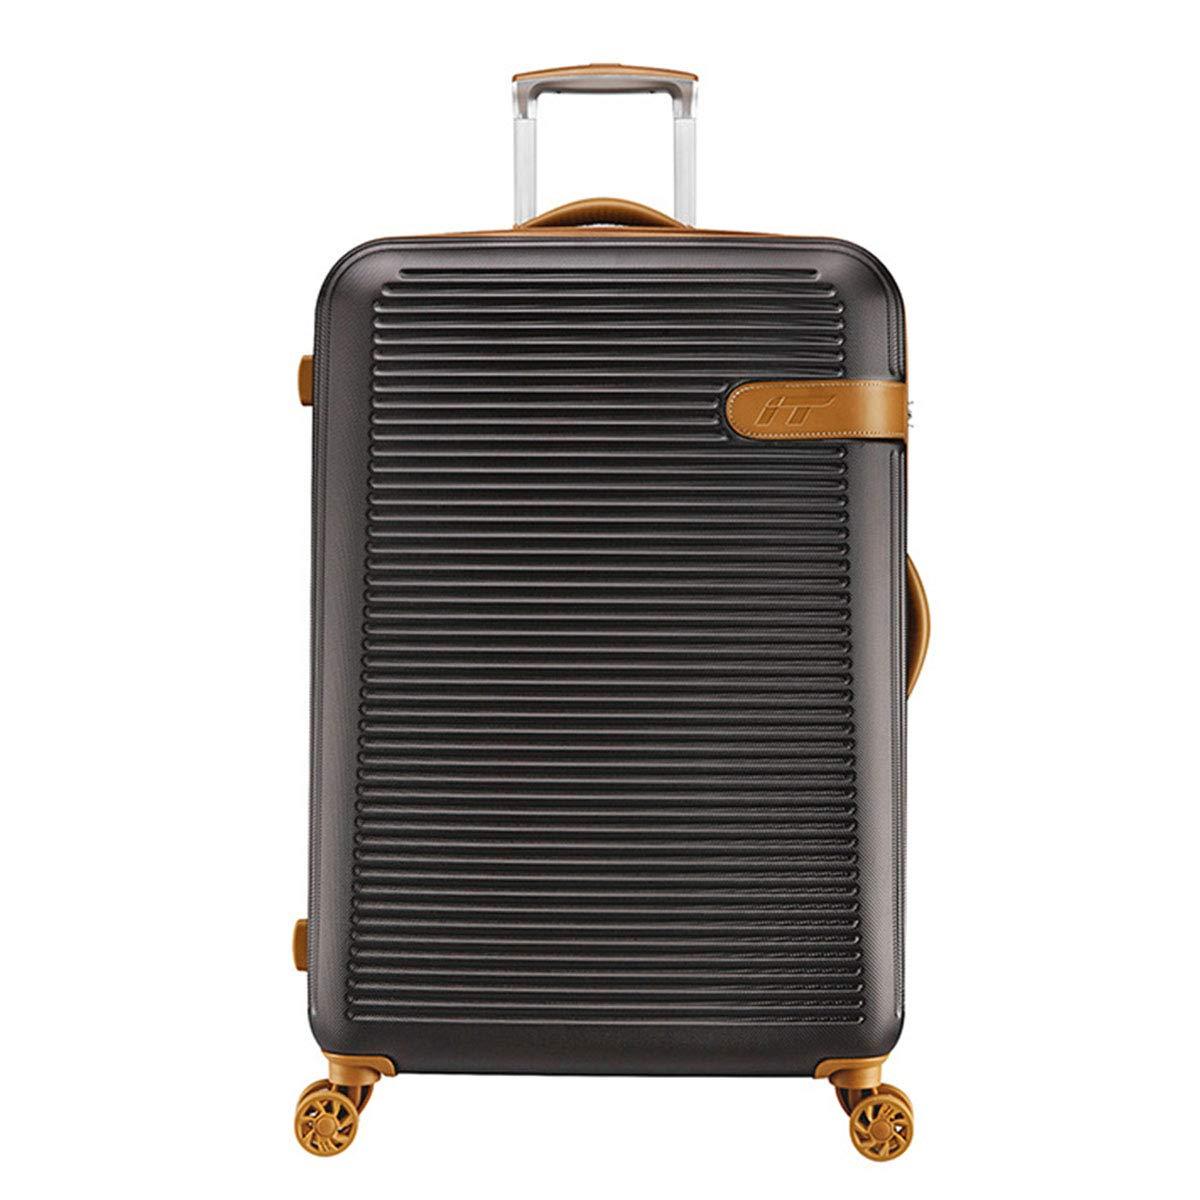 シンプルなファッショントロリースーツケース、拡張可能なハードサイドトラベルバッグW/スピナーホイール軽量の耐久性のある旅行用旅行大学ビジネス,coffee,25inch B07S2MG9B2 coffee 25inch